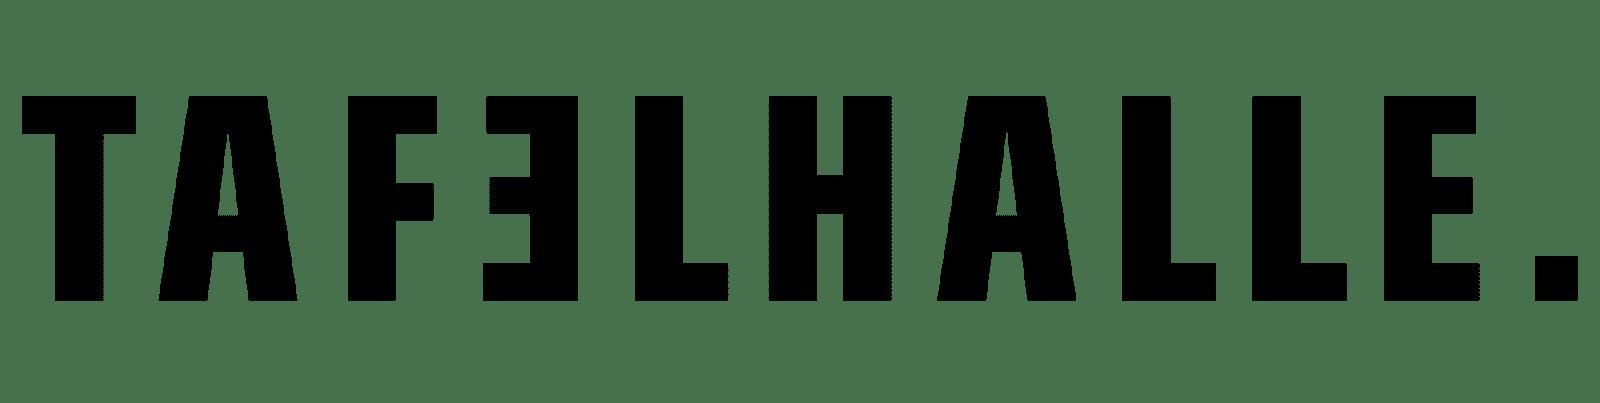 planx-Logo-Tafelhalle